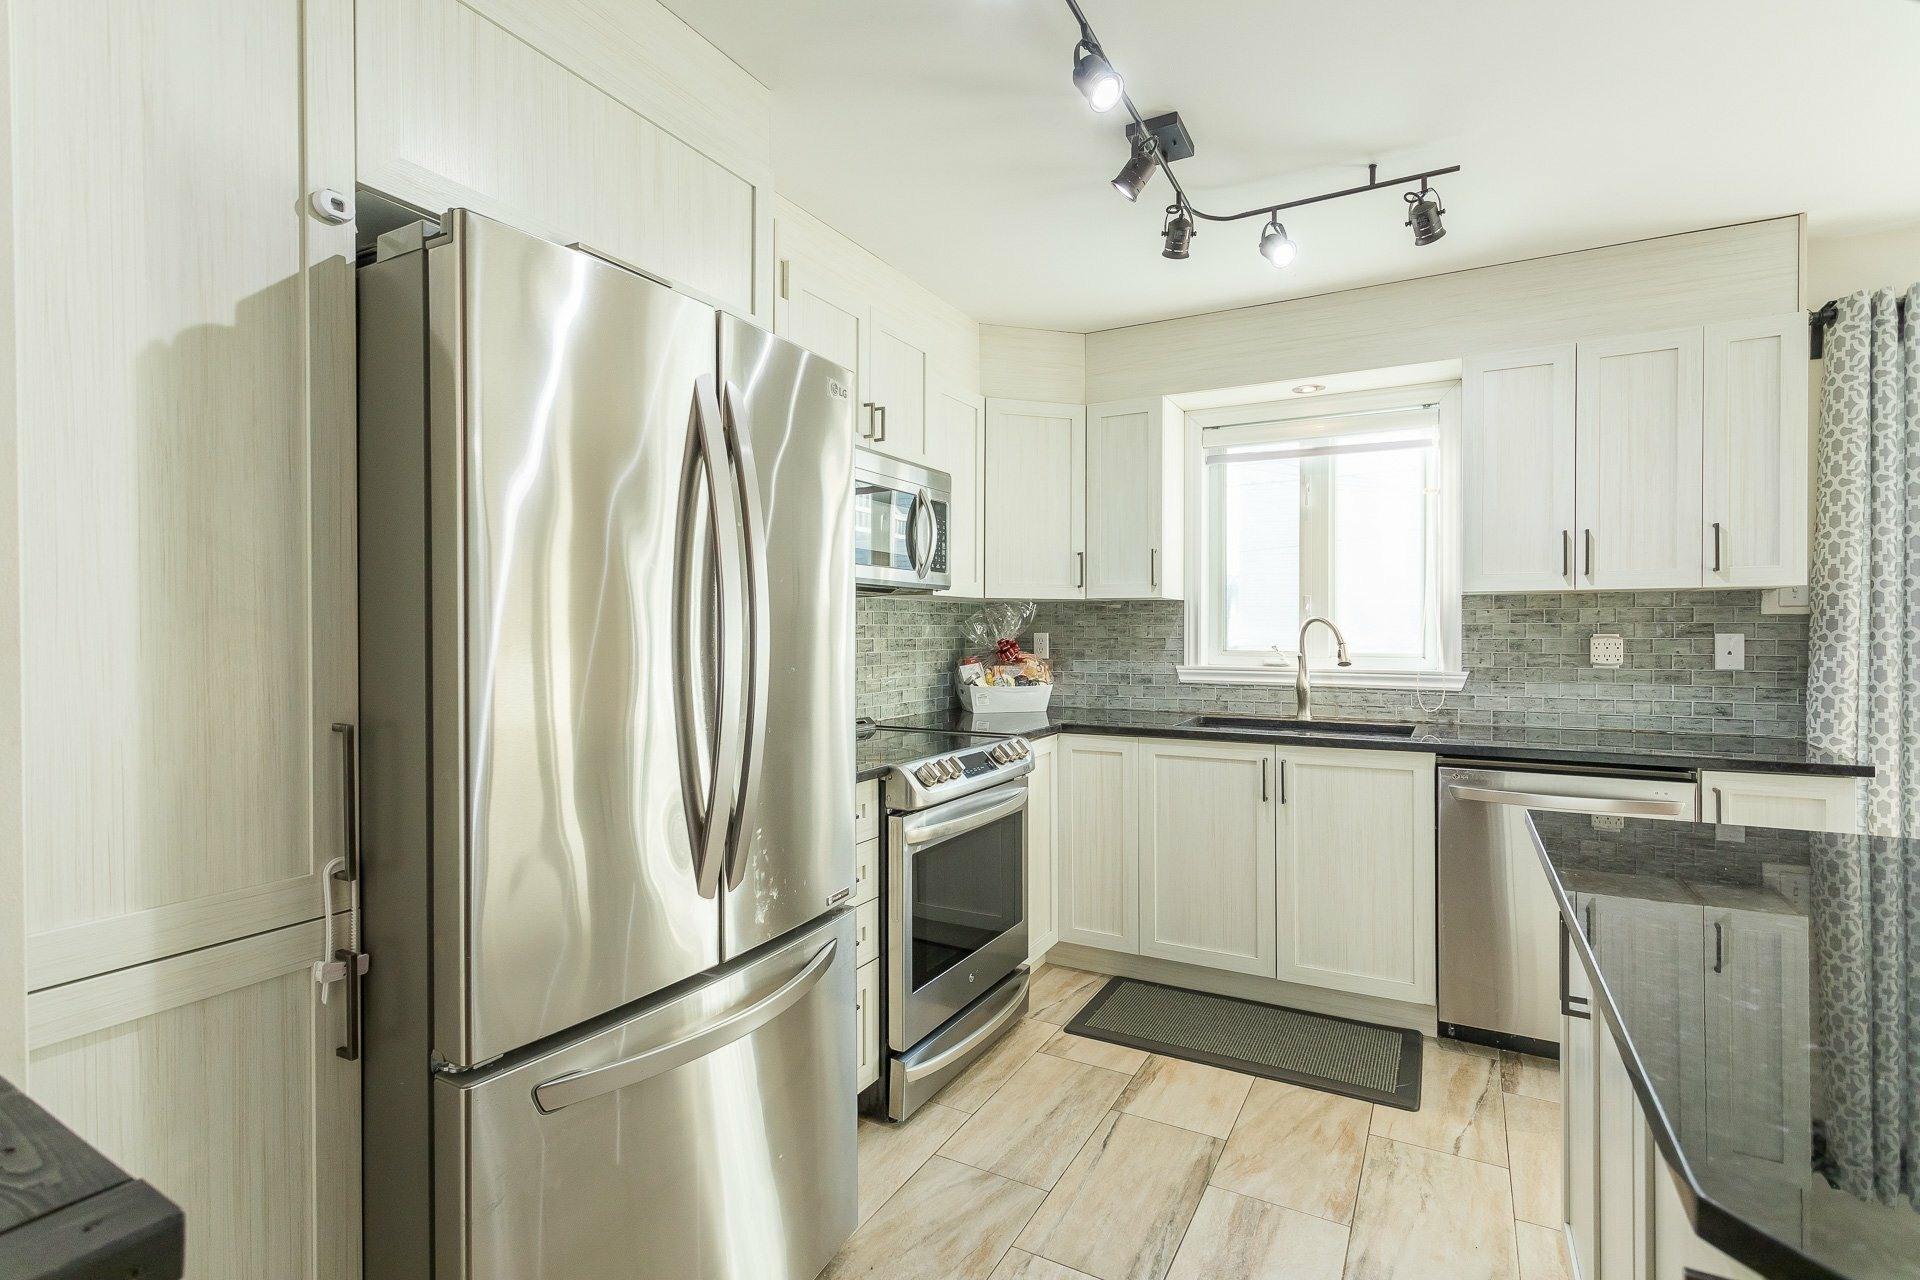 image 13 - House For sale Rivière-des-Prairies/Pointe-aux-Trembles Montréal  - 9 rooms